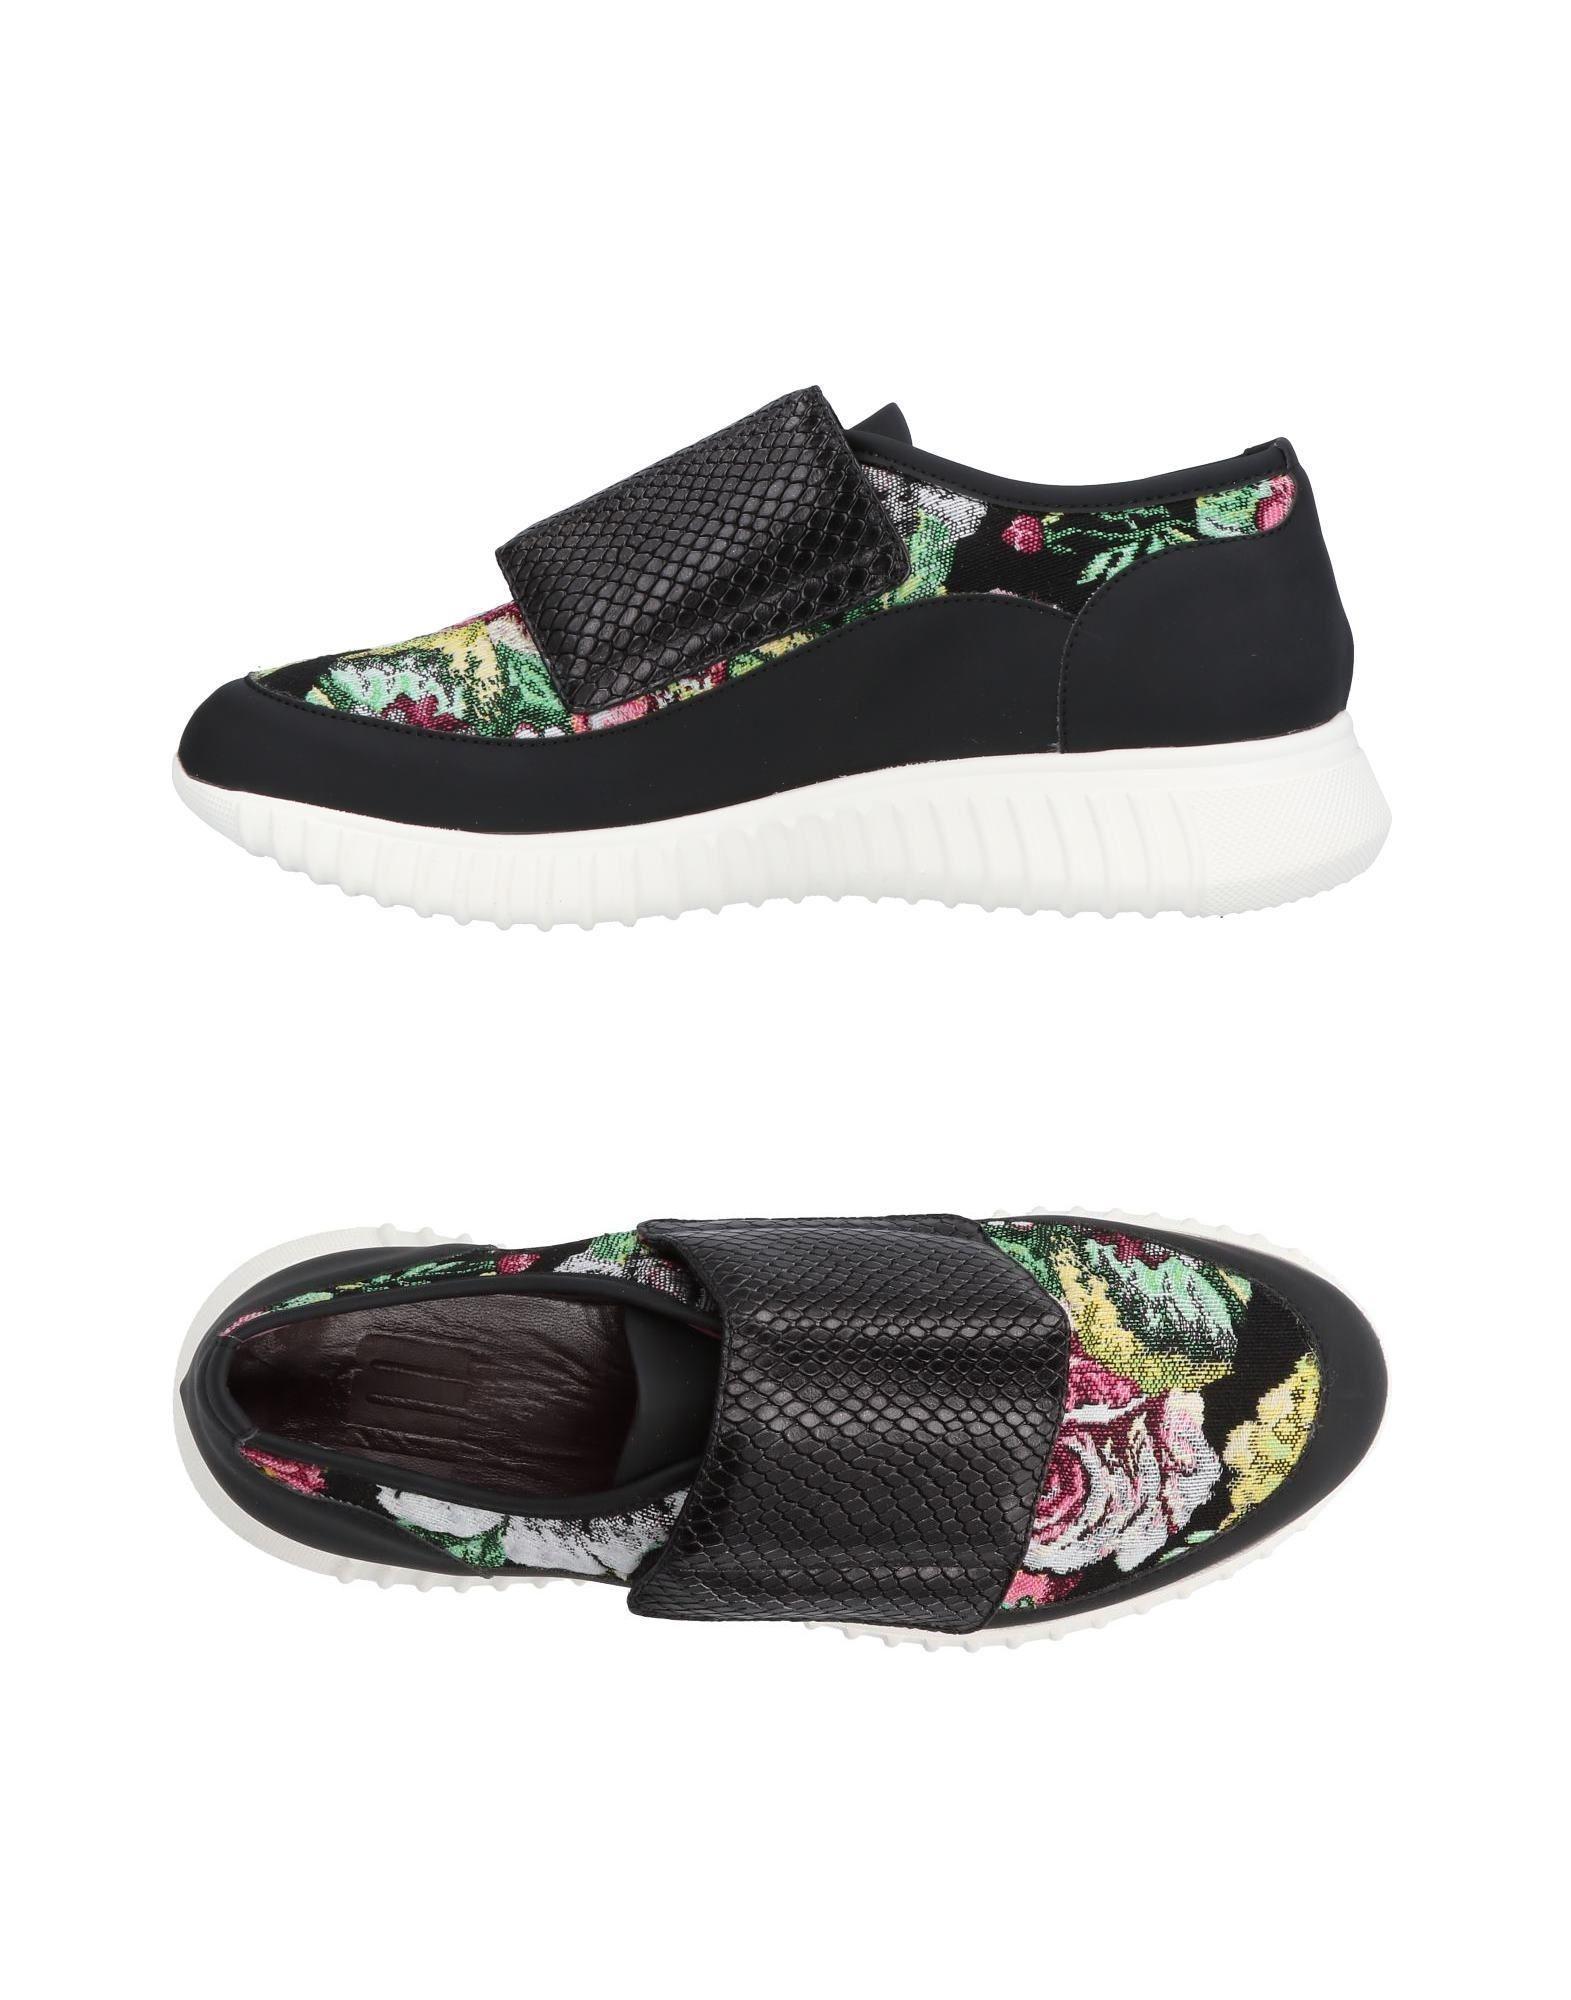 FOOTWEAR - Low-tops & sneakers I'm Isola Marras wc0u2